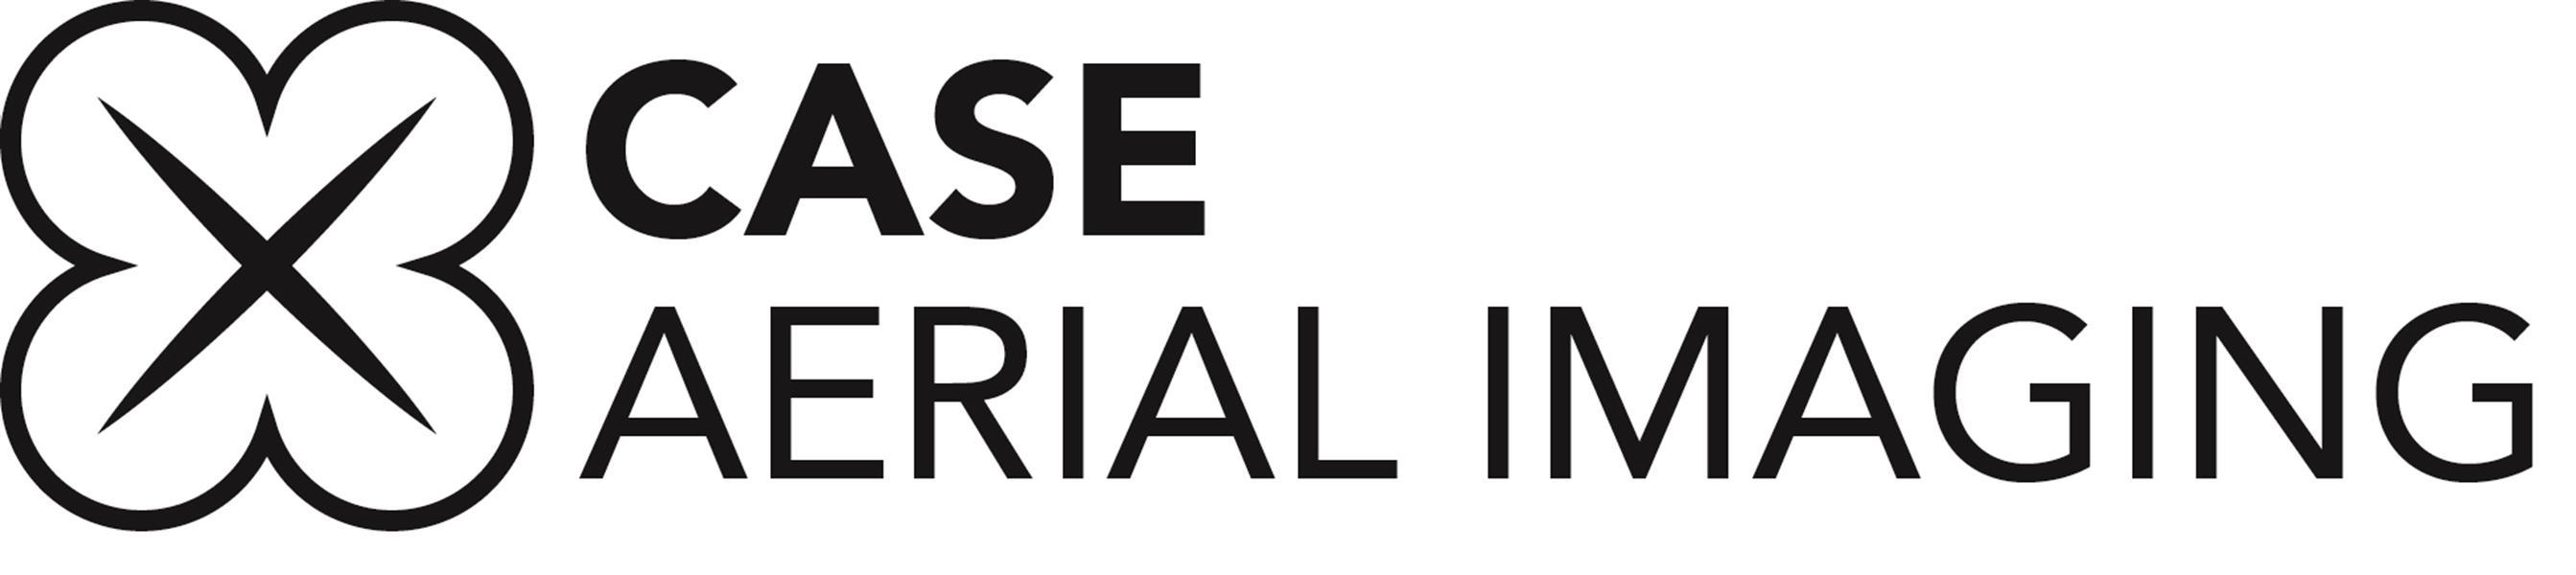 Case Aerial Imaging